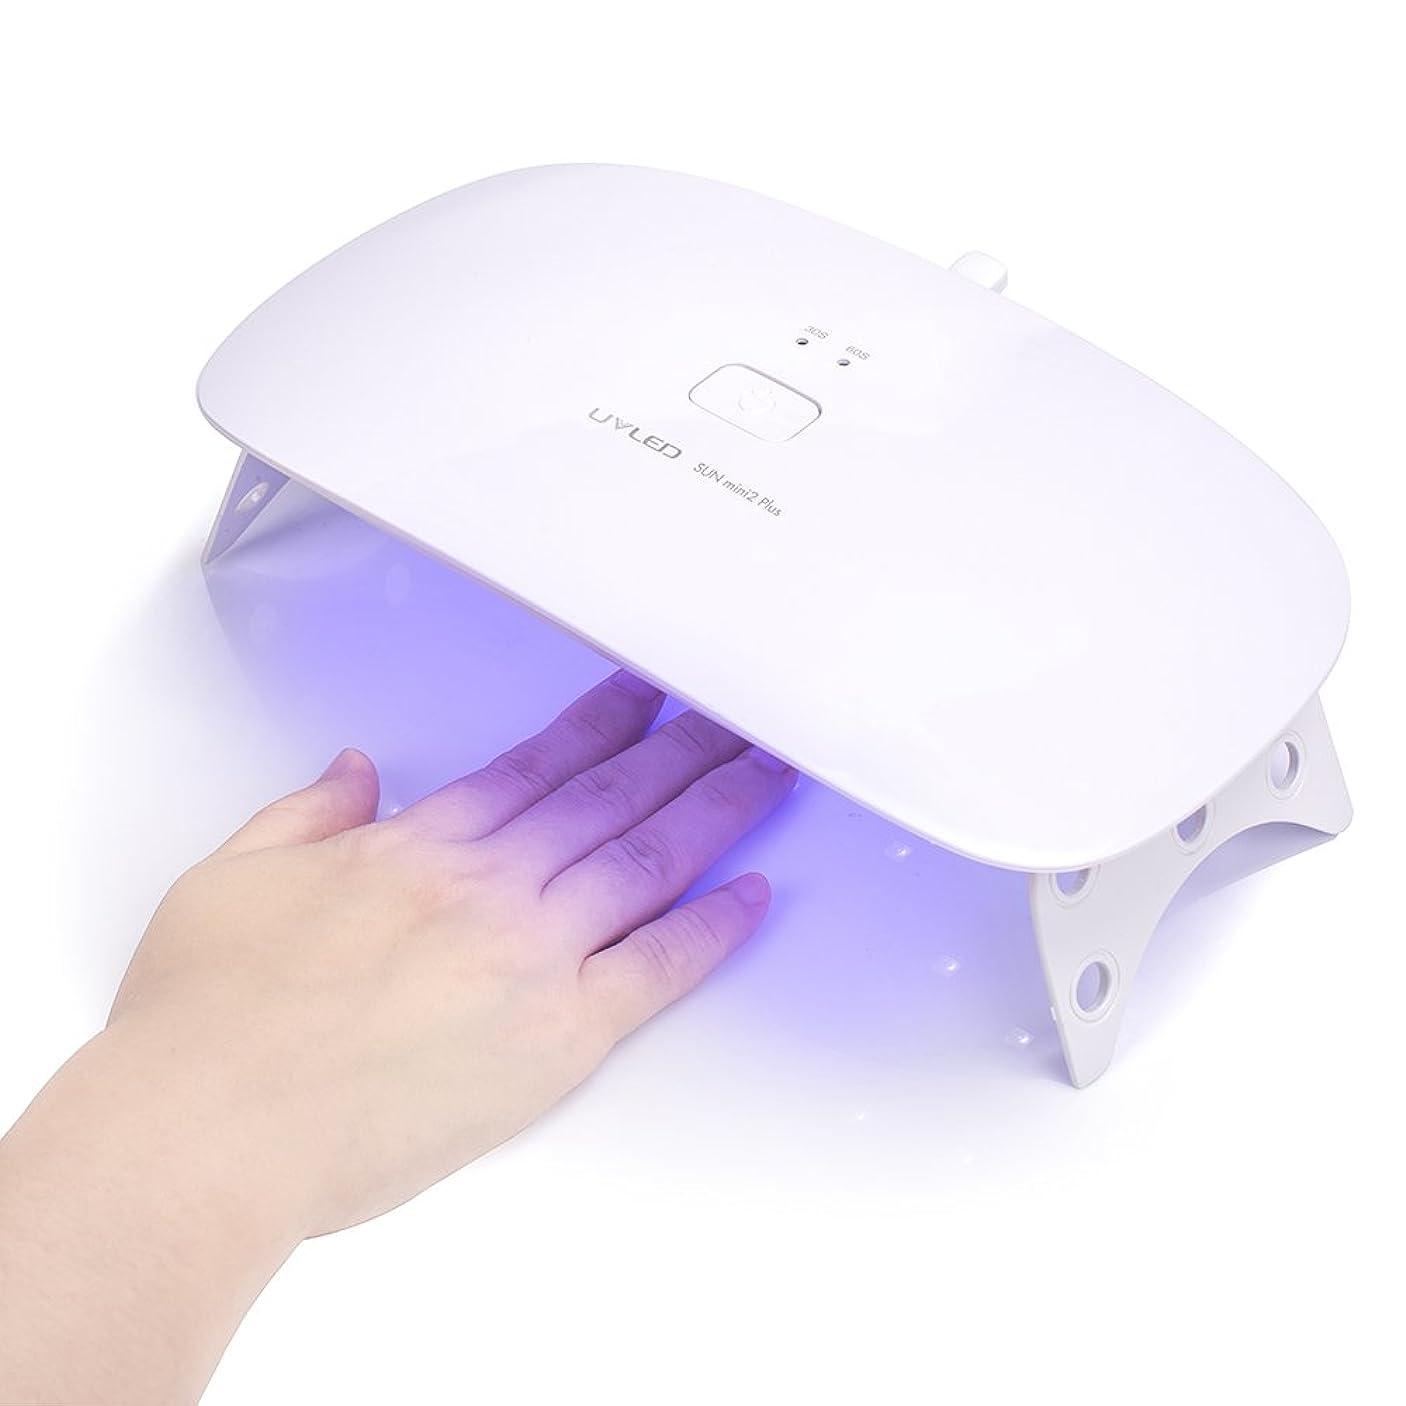 キャベツ脳ストレスの多いUV LEDネイルドライヤー硬化ランプSUN MINI 2 PLUS 24Wポータブルライトジェルマニキュア/ペディキュア用2時間30秒/ 60秒 (MINI PLUS)